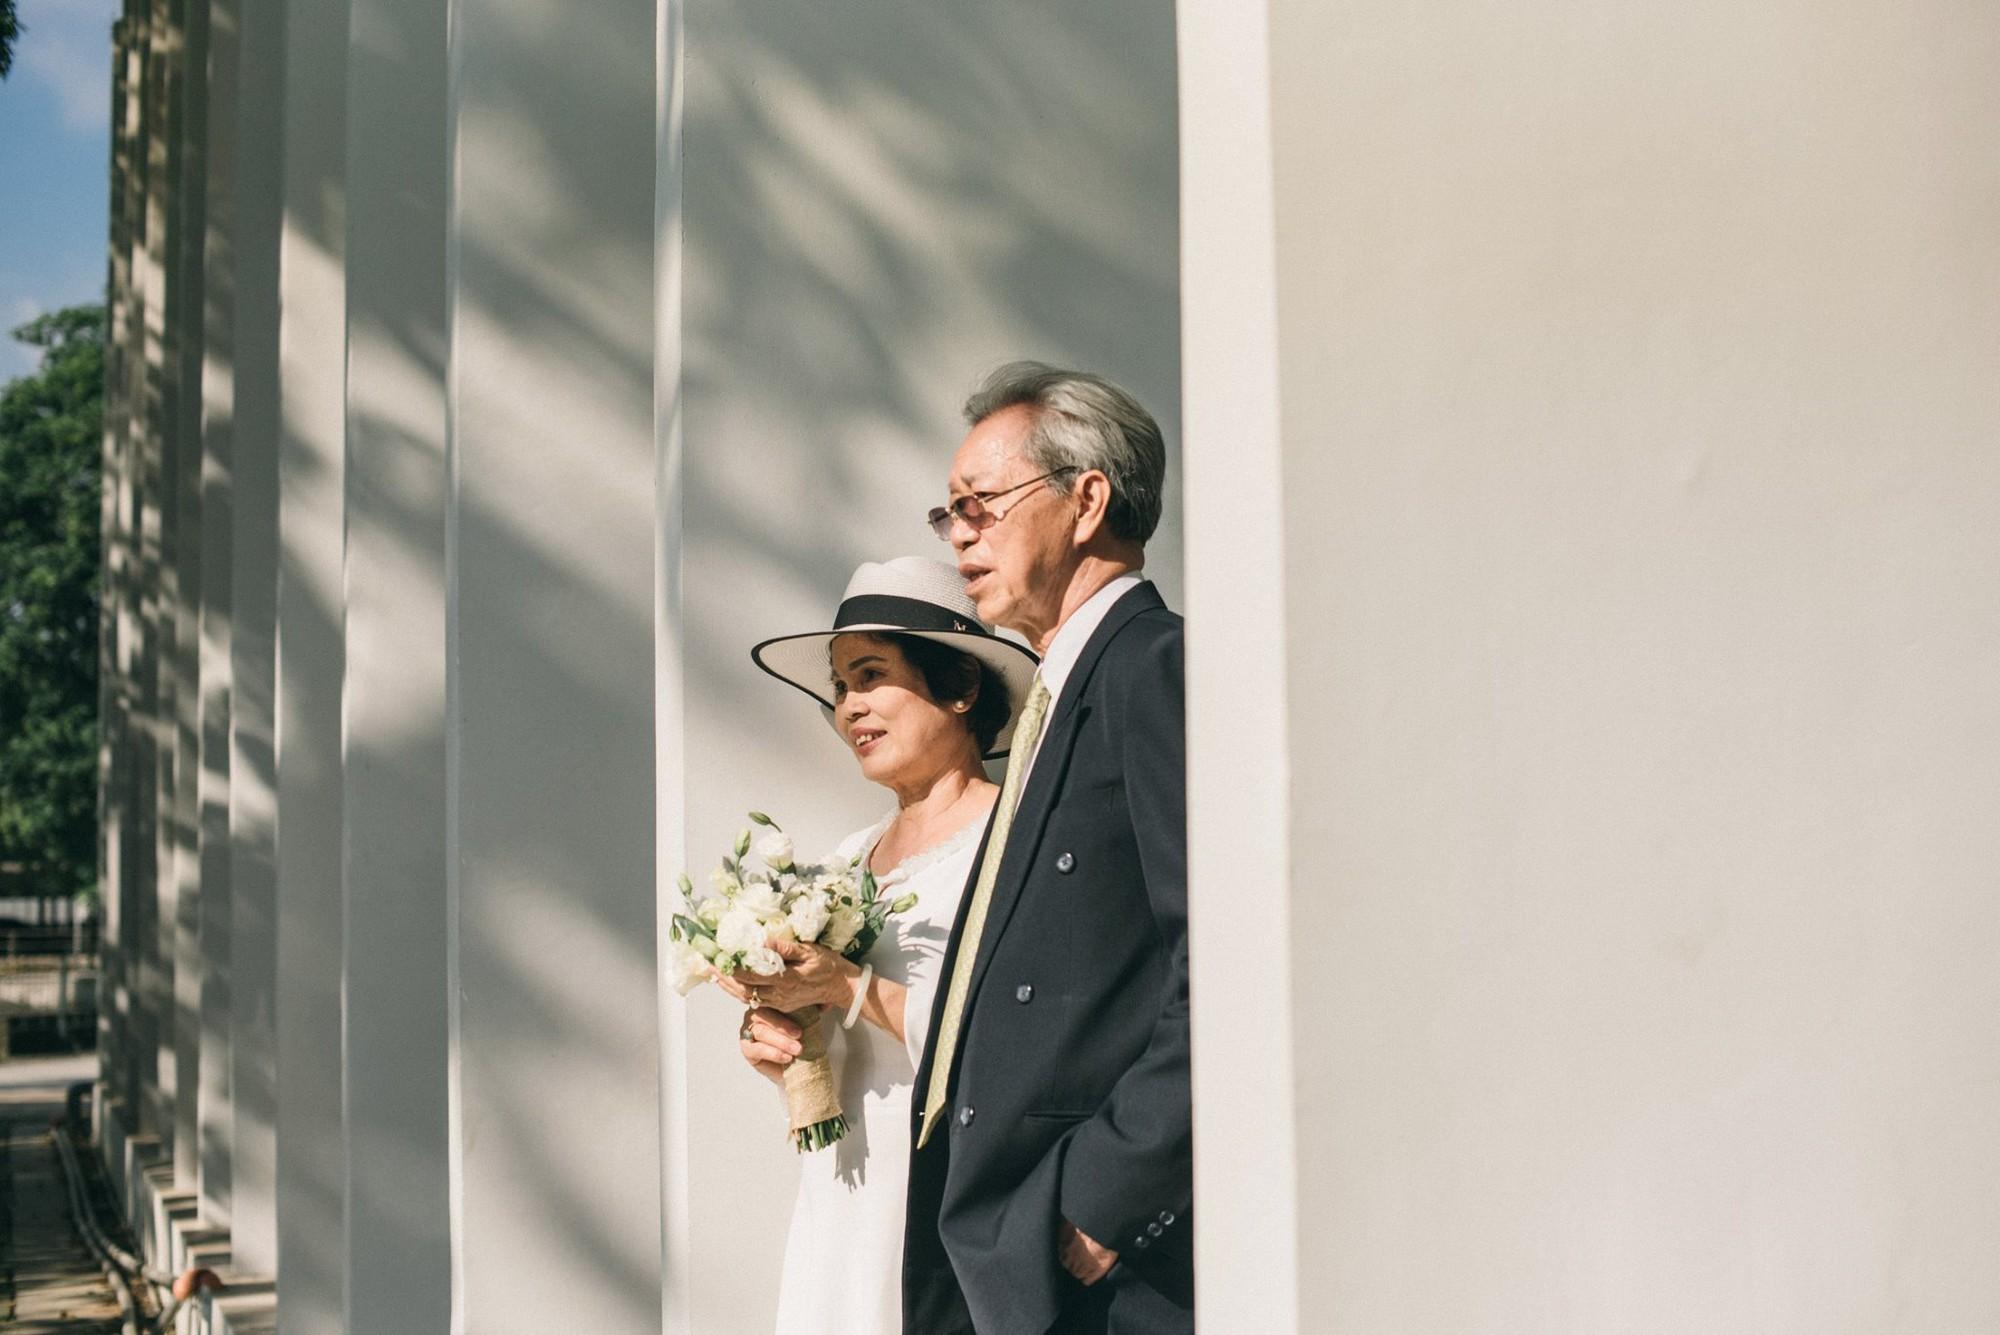 Bộ ảnh cưới đầu tiên sau 45 năm kết hôn và chia sẻ xúc động của cựu CEO Uber Việt Nam cho bố mẹ - Ảnh 6.